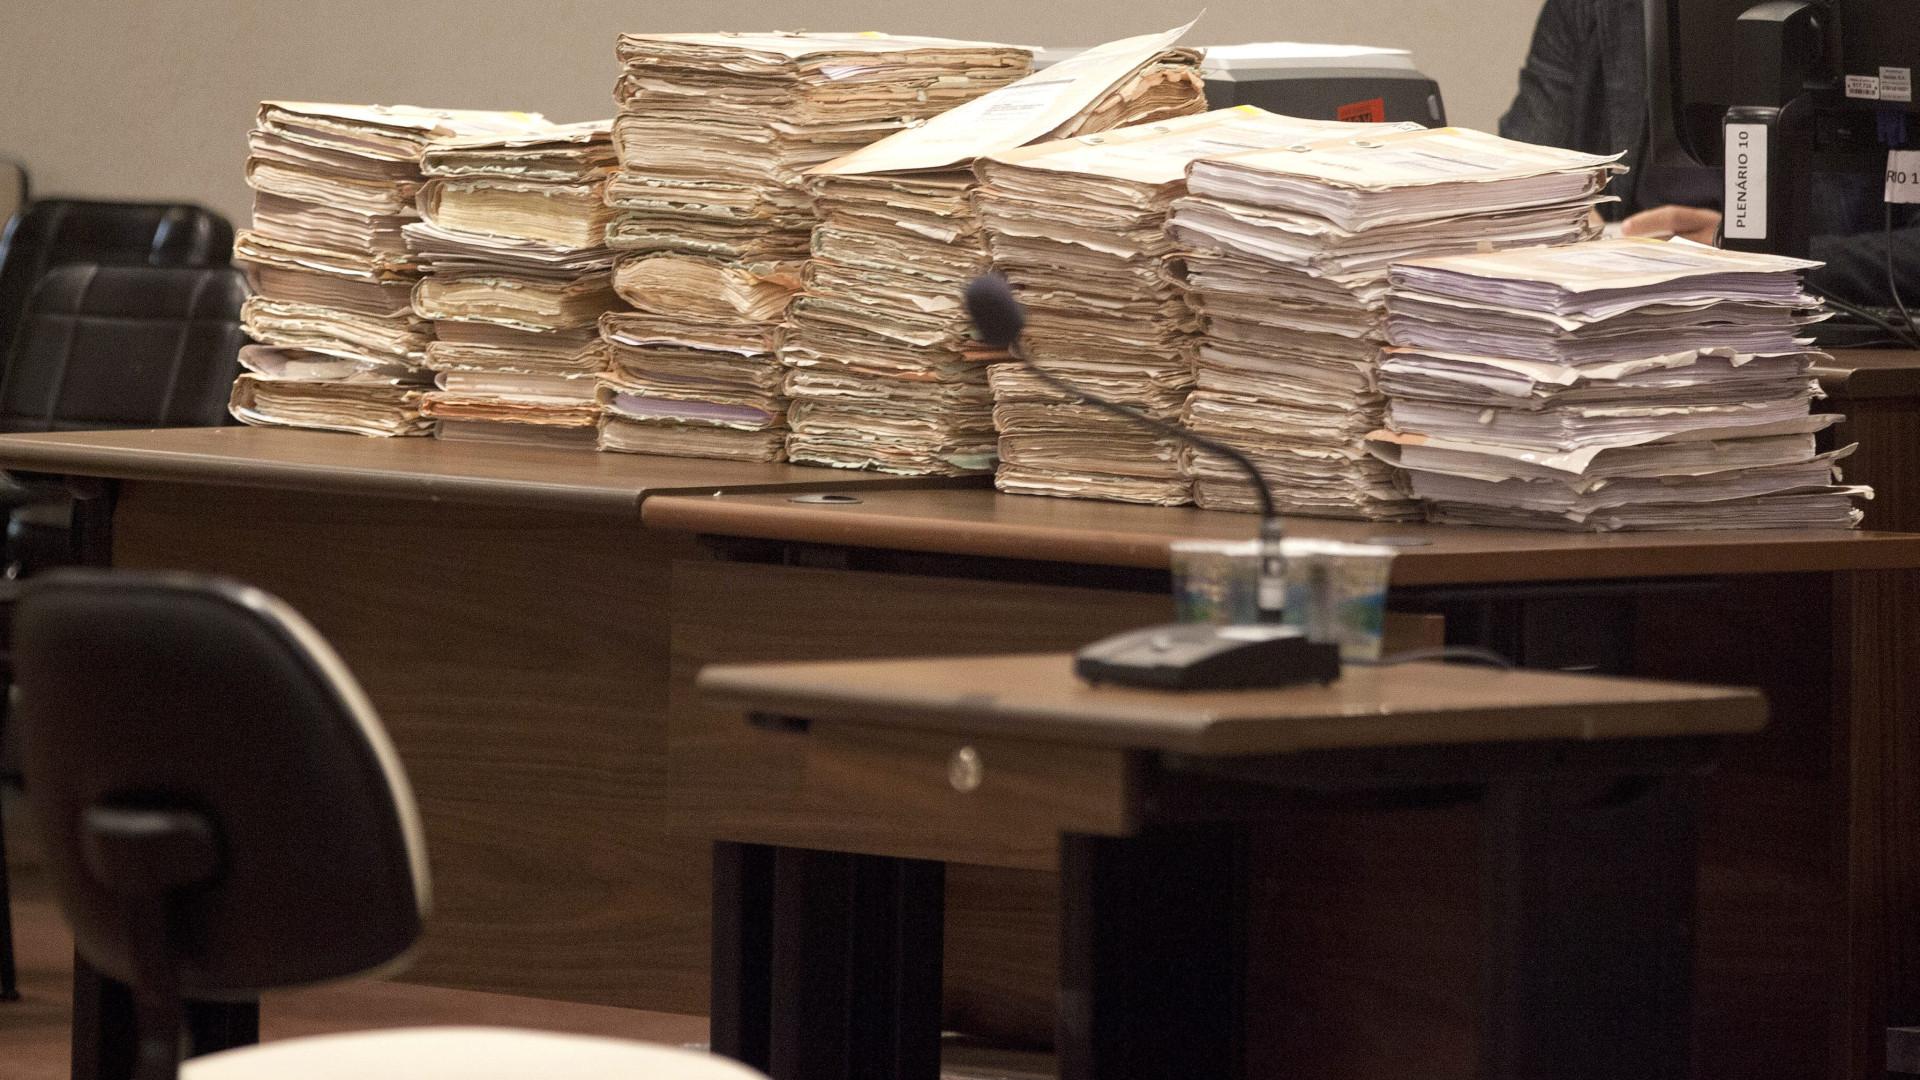 Deputado de Macau critica falta de conhecimento jurídico na Assembleia